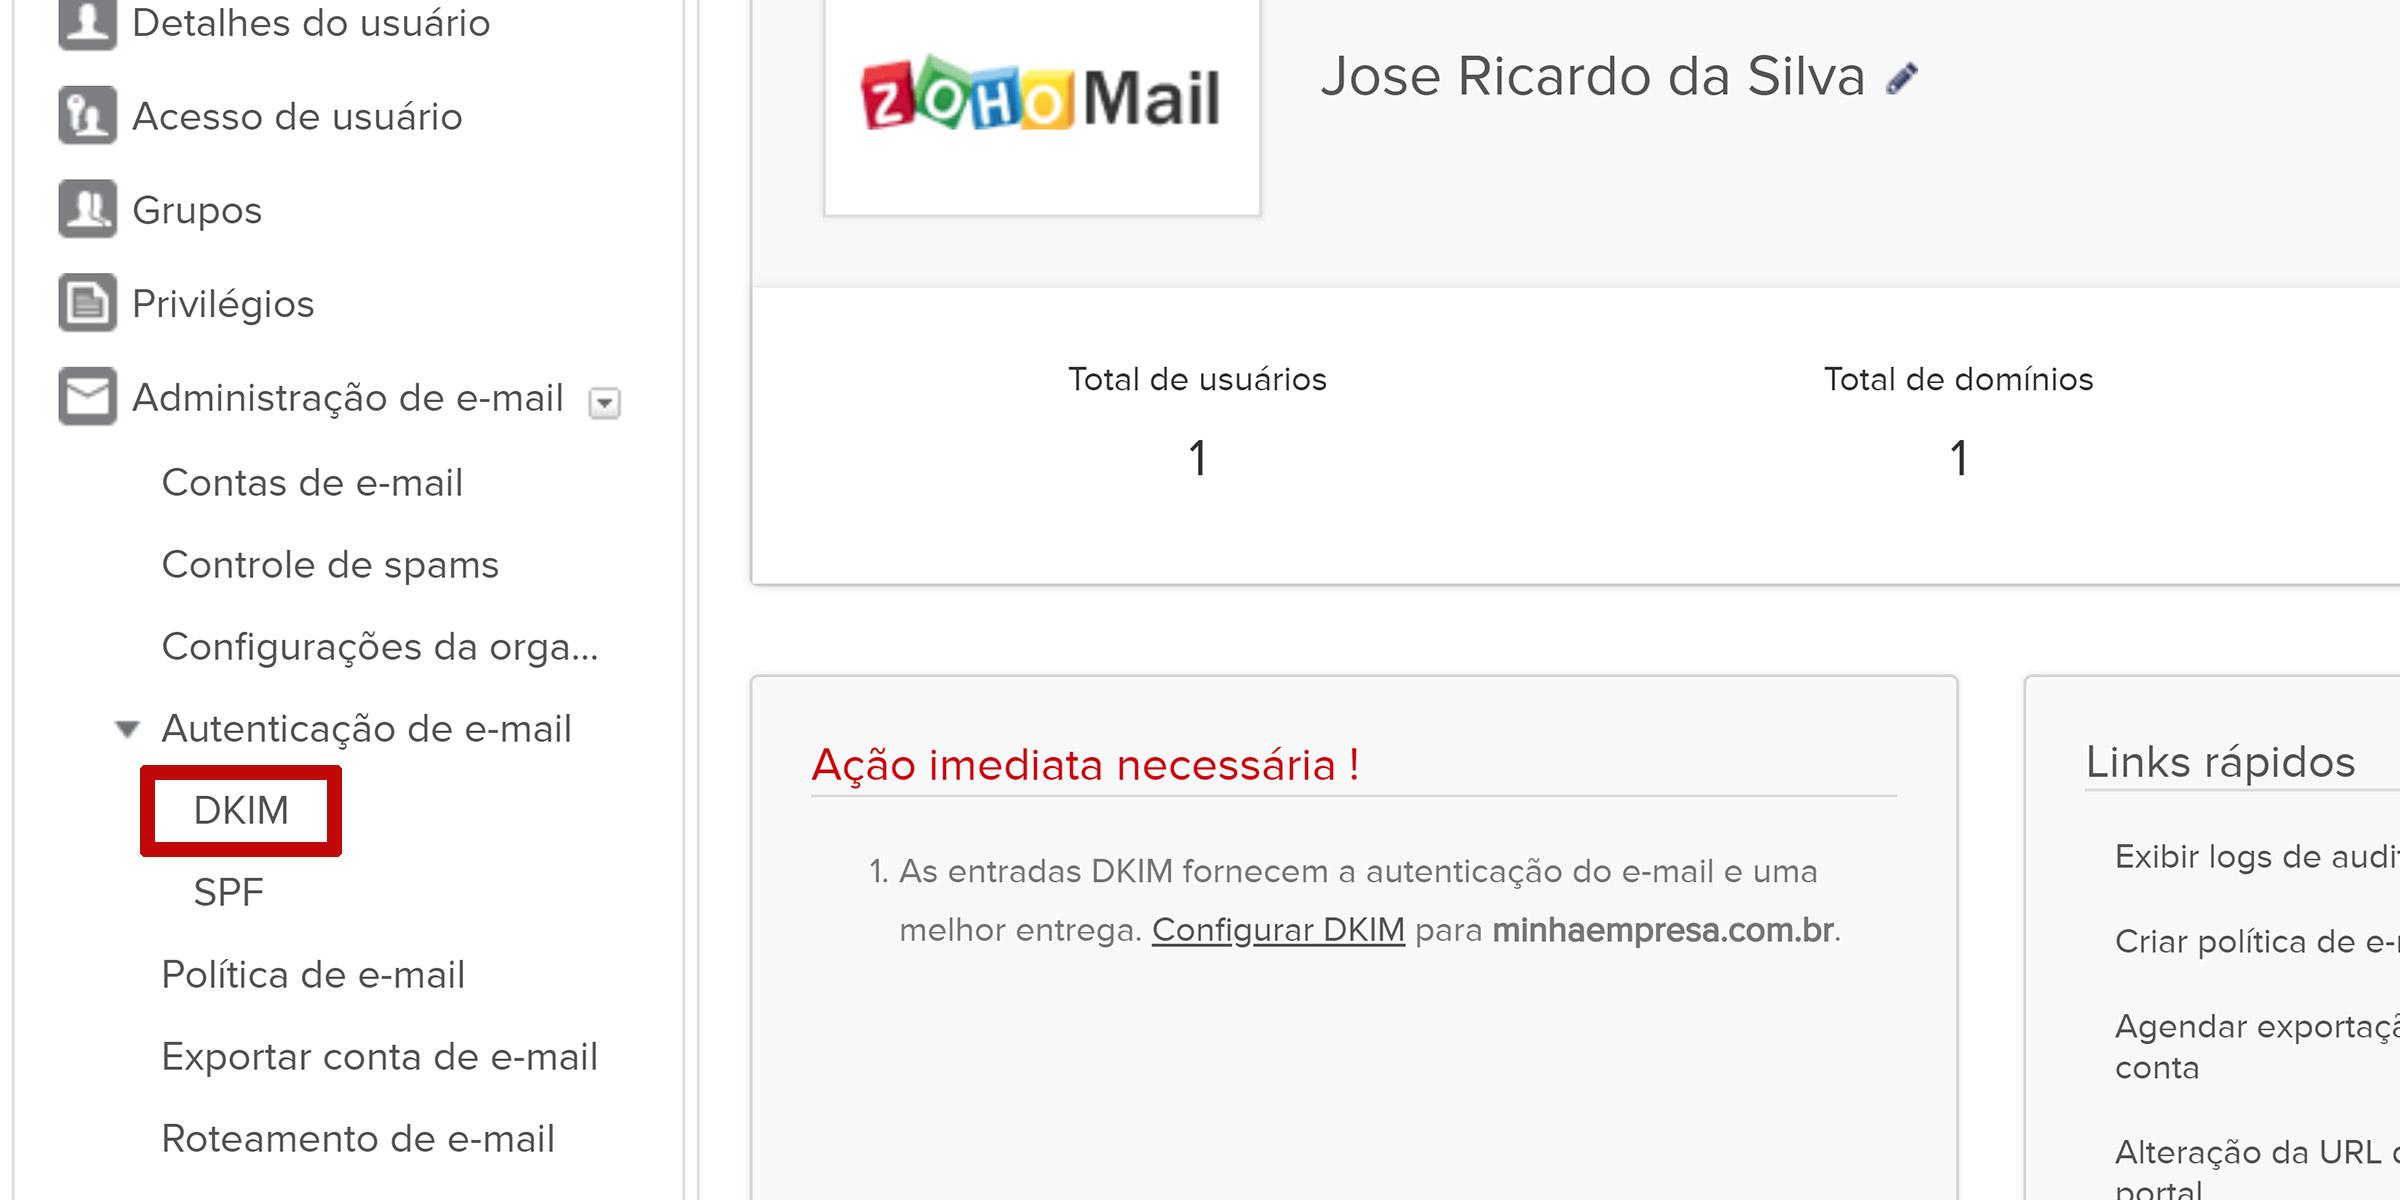 zoho mail configurar dkim